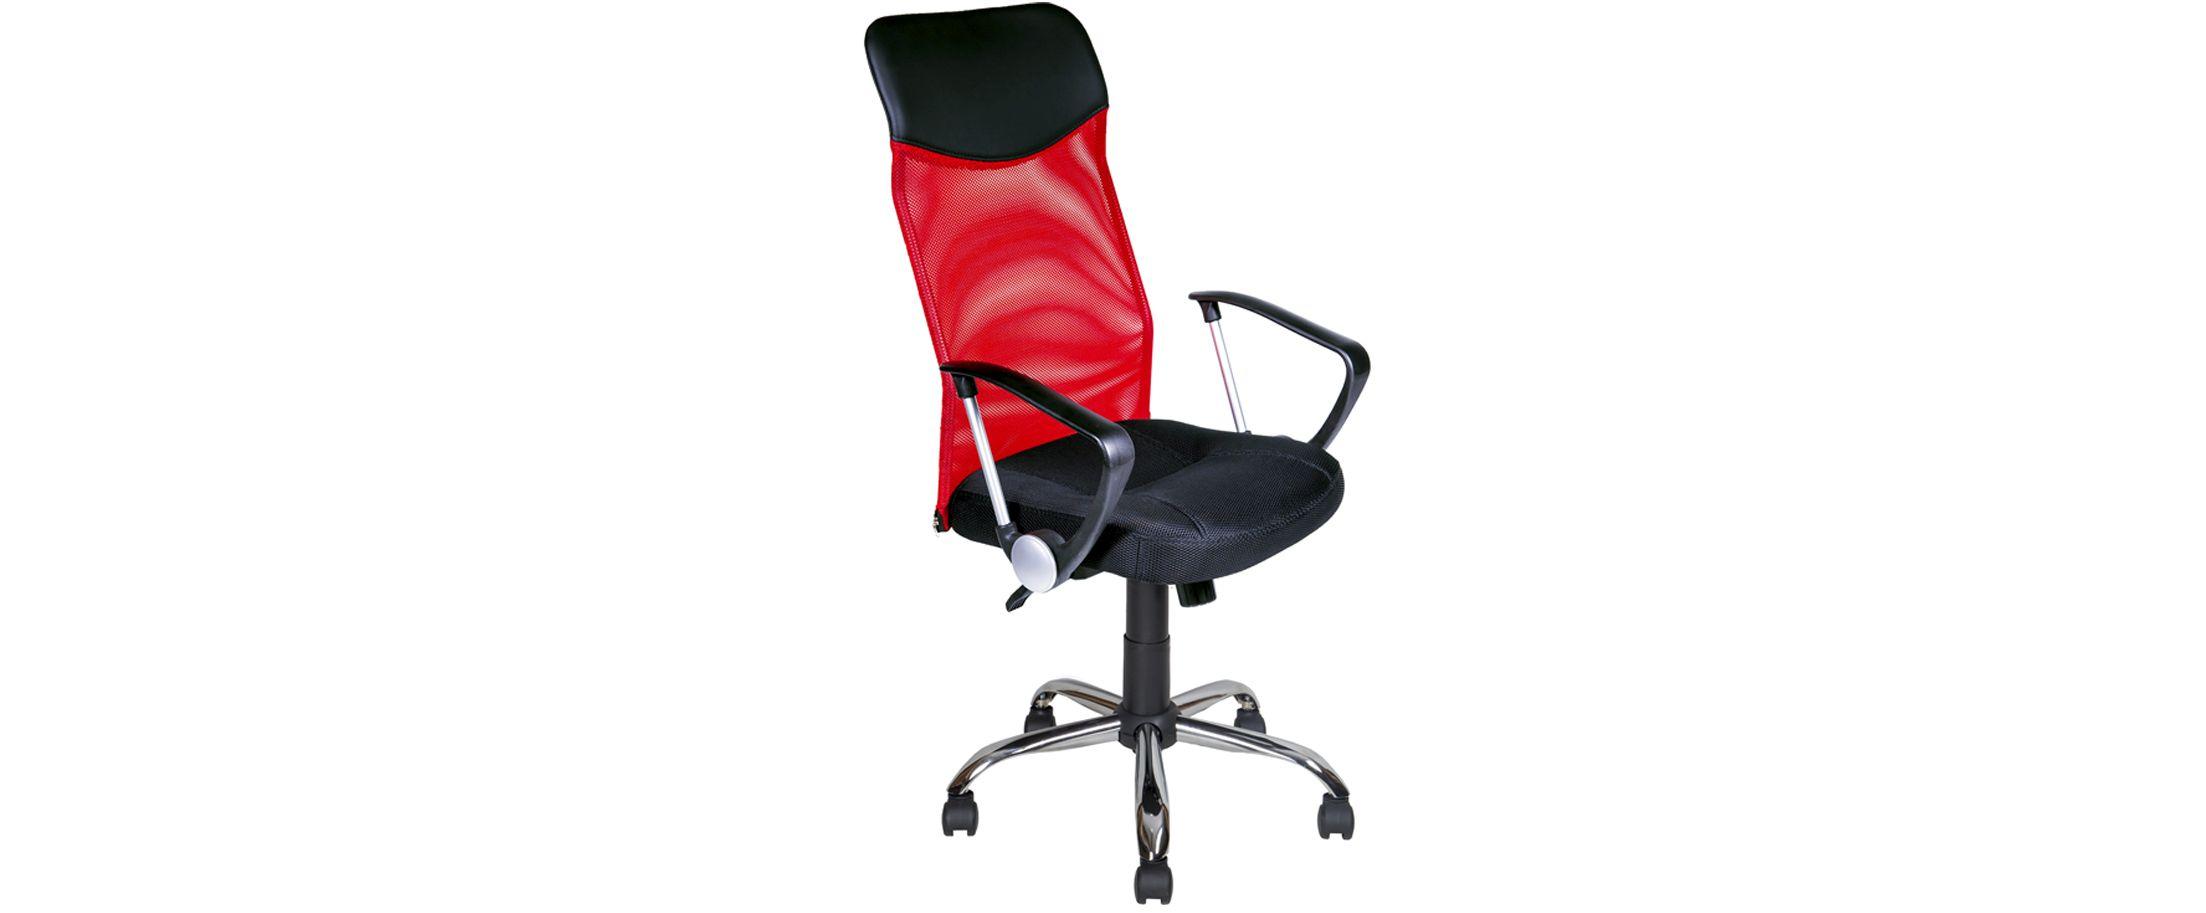 Кресло офисное AV 128 цвет красный Модель 999Кресло офисное AV 128 цвет красный Модель 999. Артикул Д000715<br><br>Ширина см: 48<br>Глубина см: 60<br>Высота см: 123<br>Цвет: Красно-коричневый